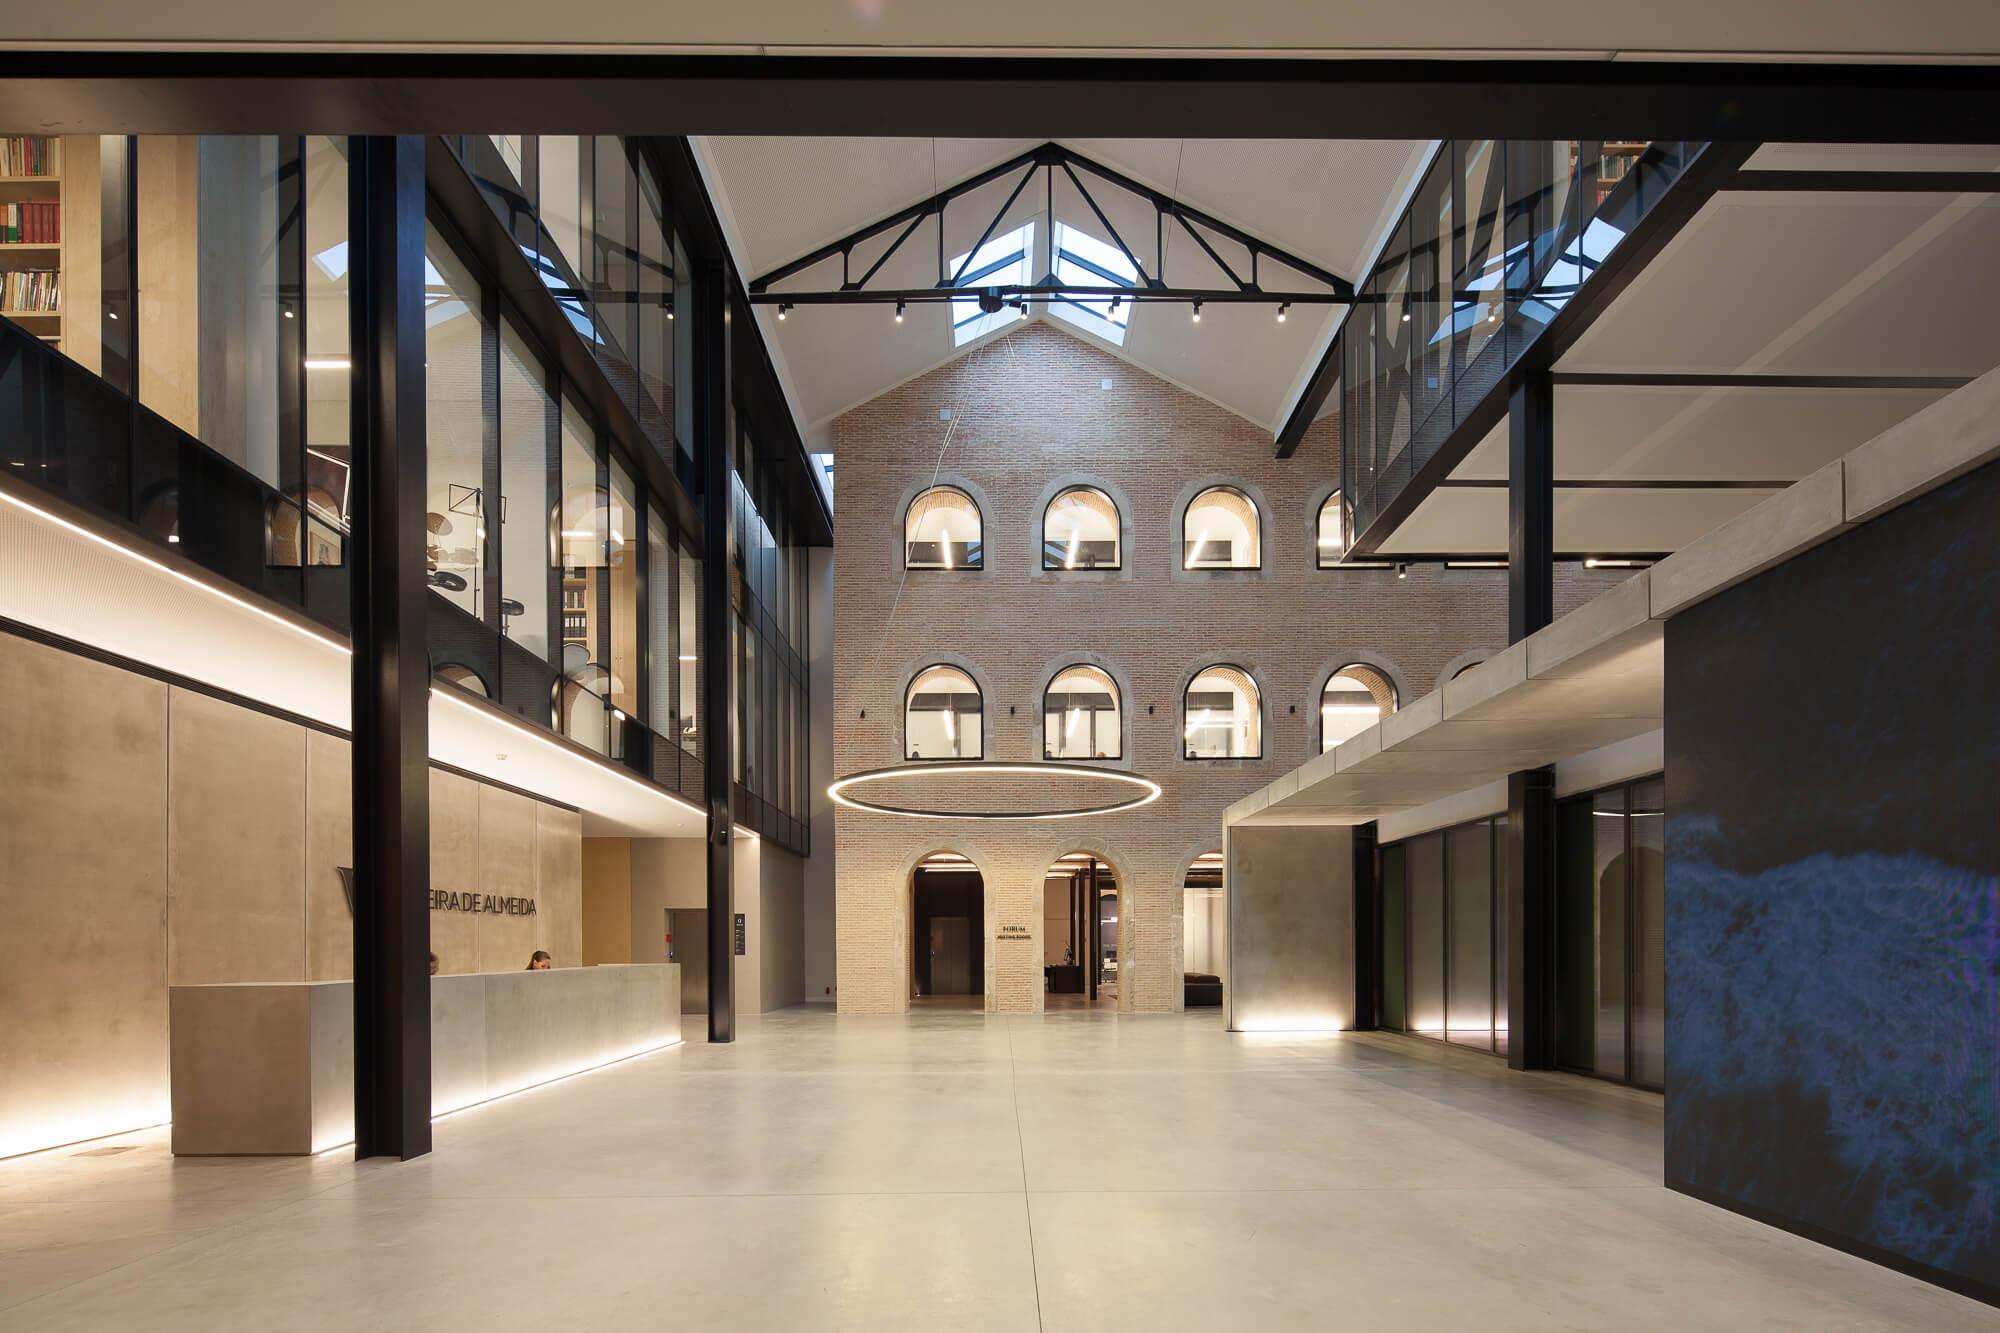 Arquitetura Portuguesa distinguida em Prémios Internacionais | OPENBOOK Architecture vence duas categorias nos Architecture MasterPrize2018